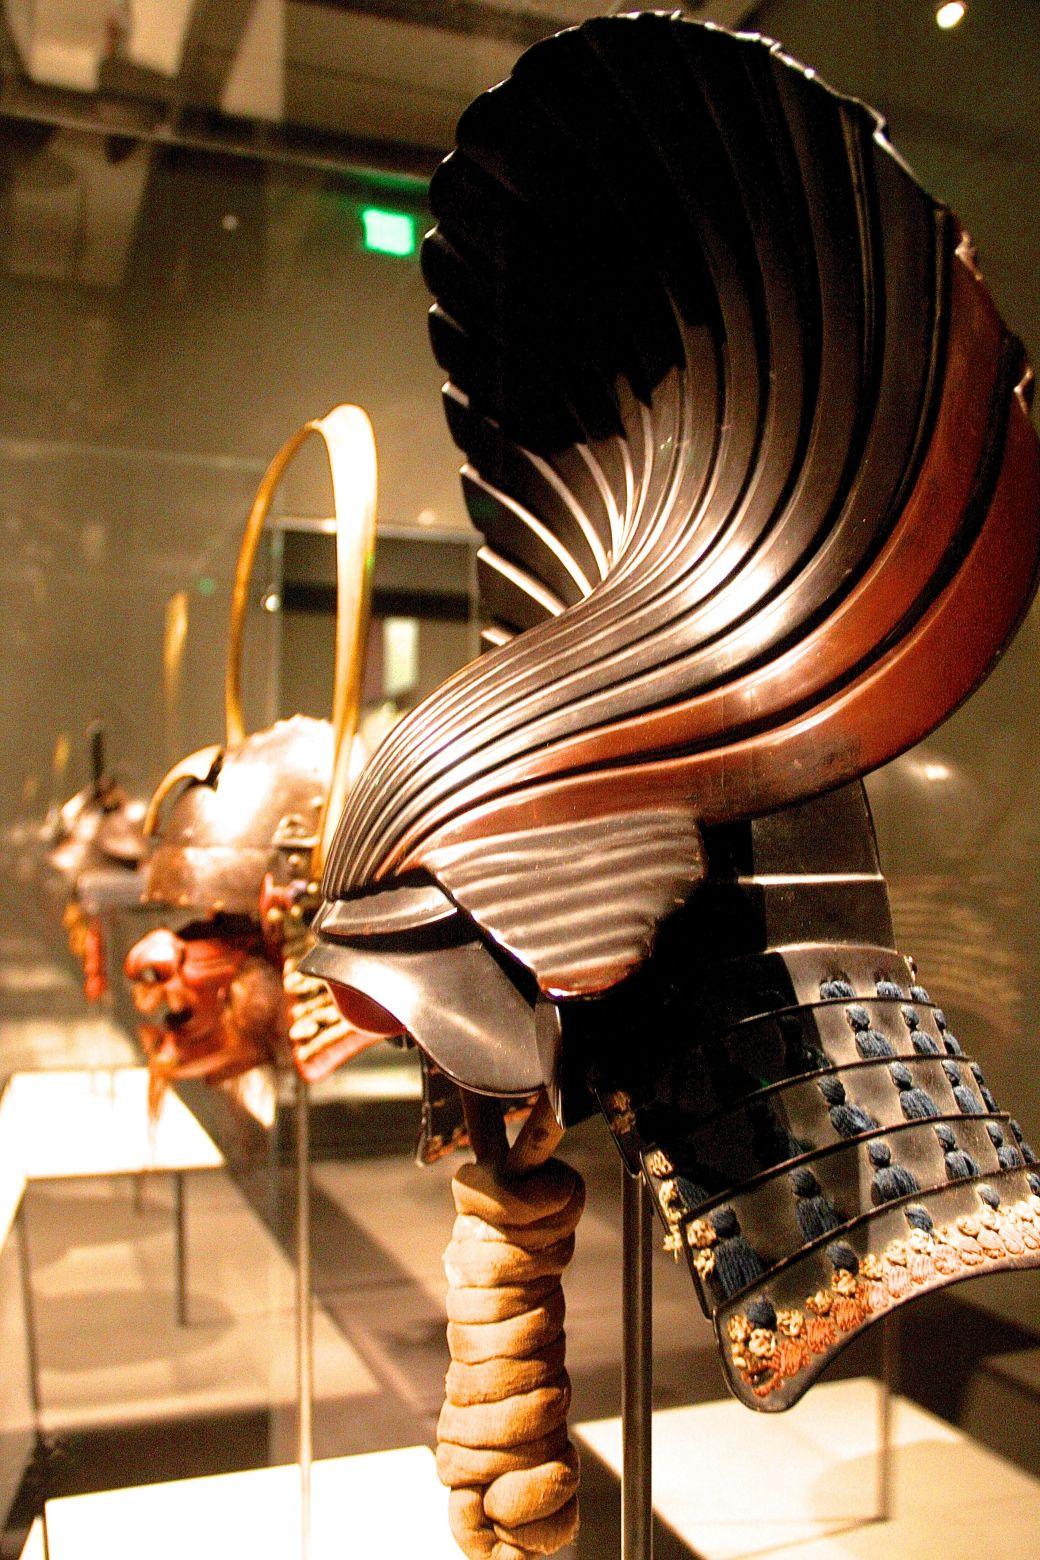 boston museum of fine arts samurai exhibit masks